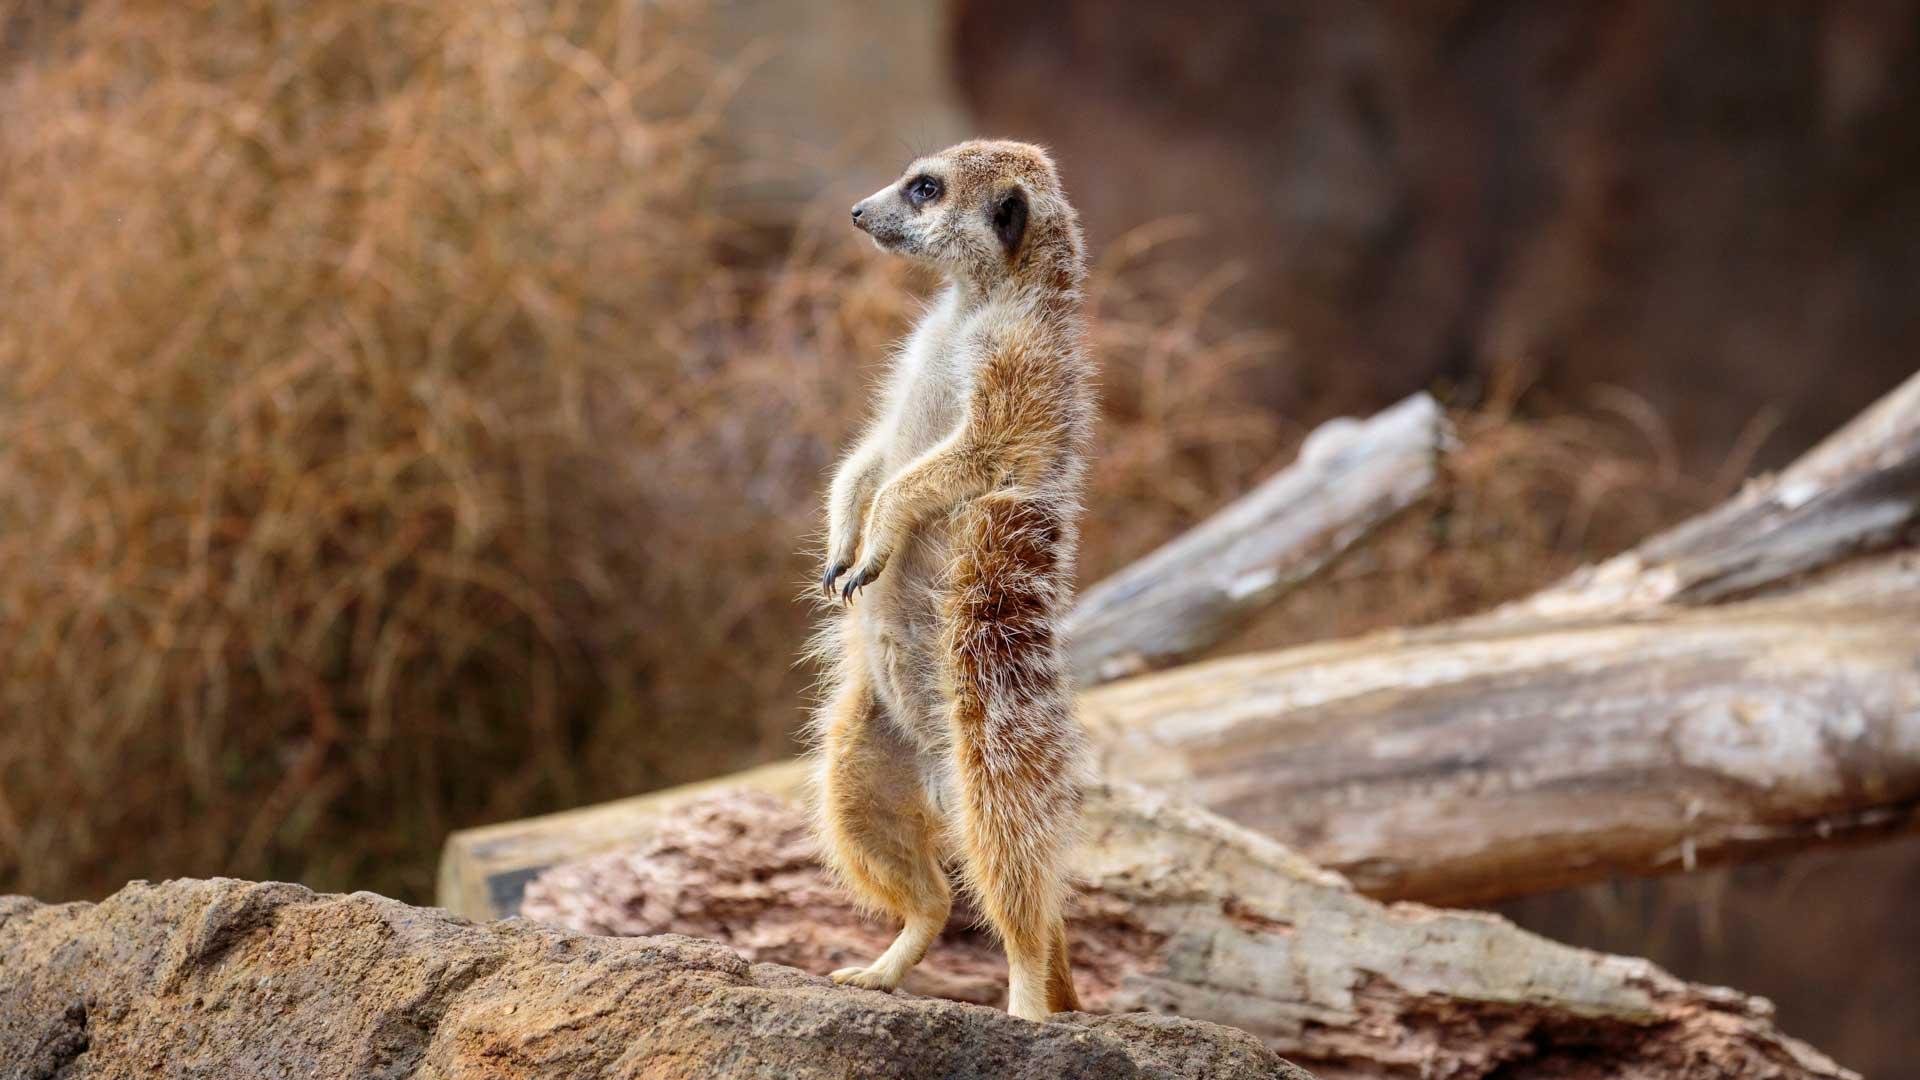 https://rfacdn.nz/zoo/assets/media/meerkat-gallery-4.jpg